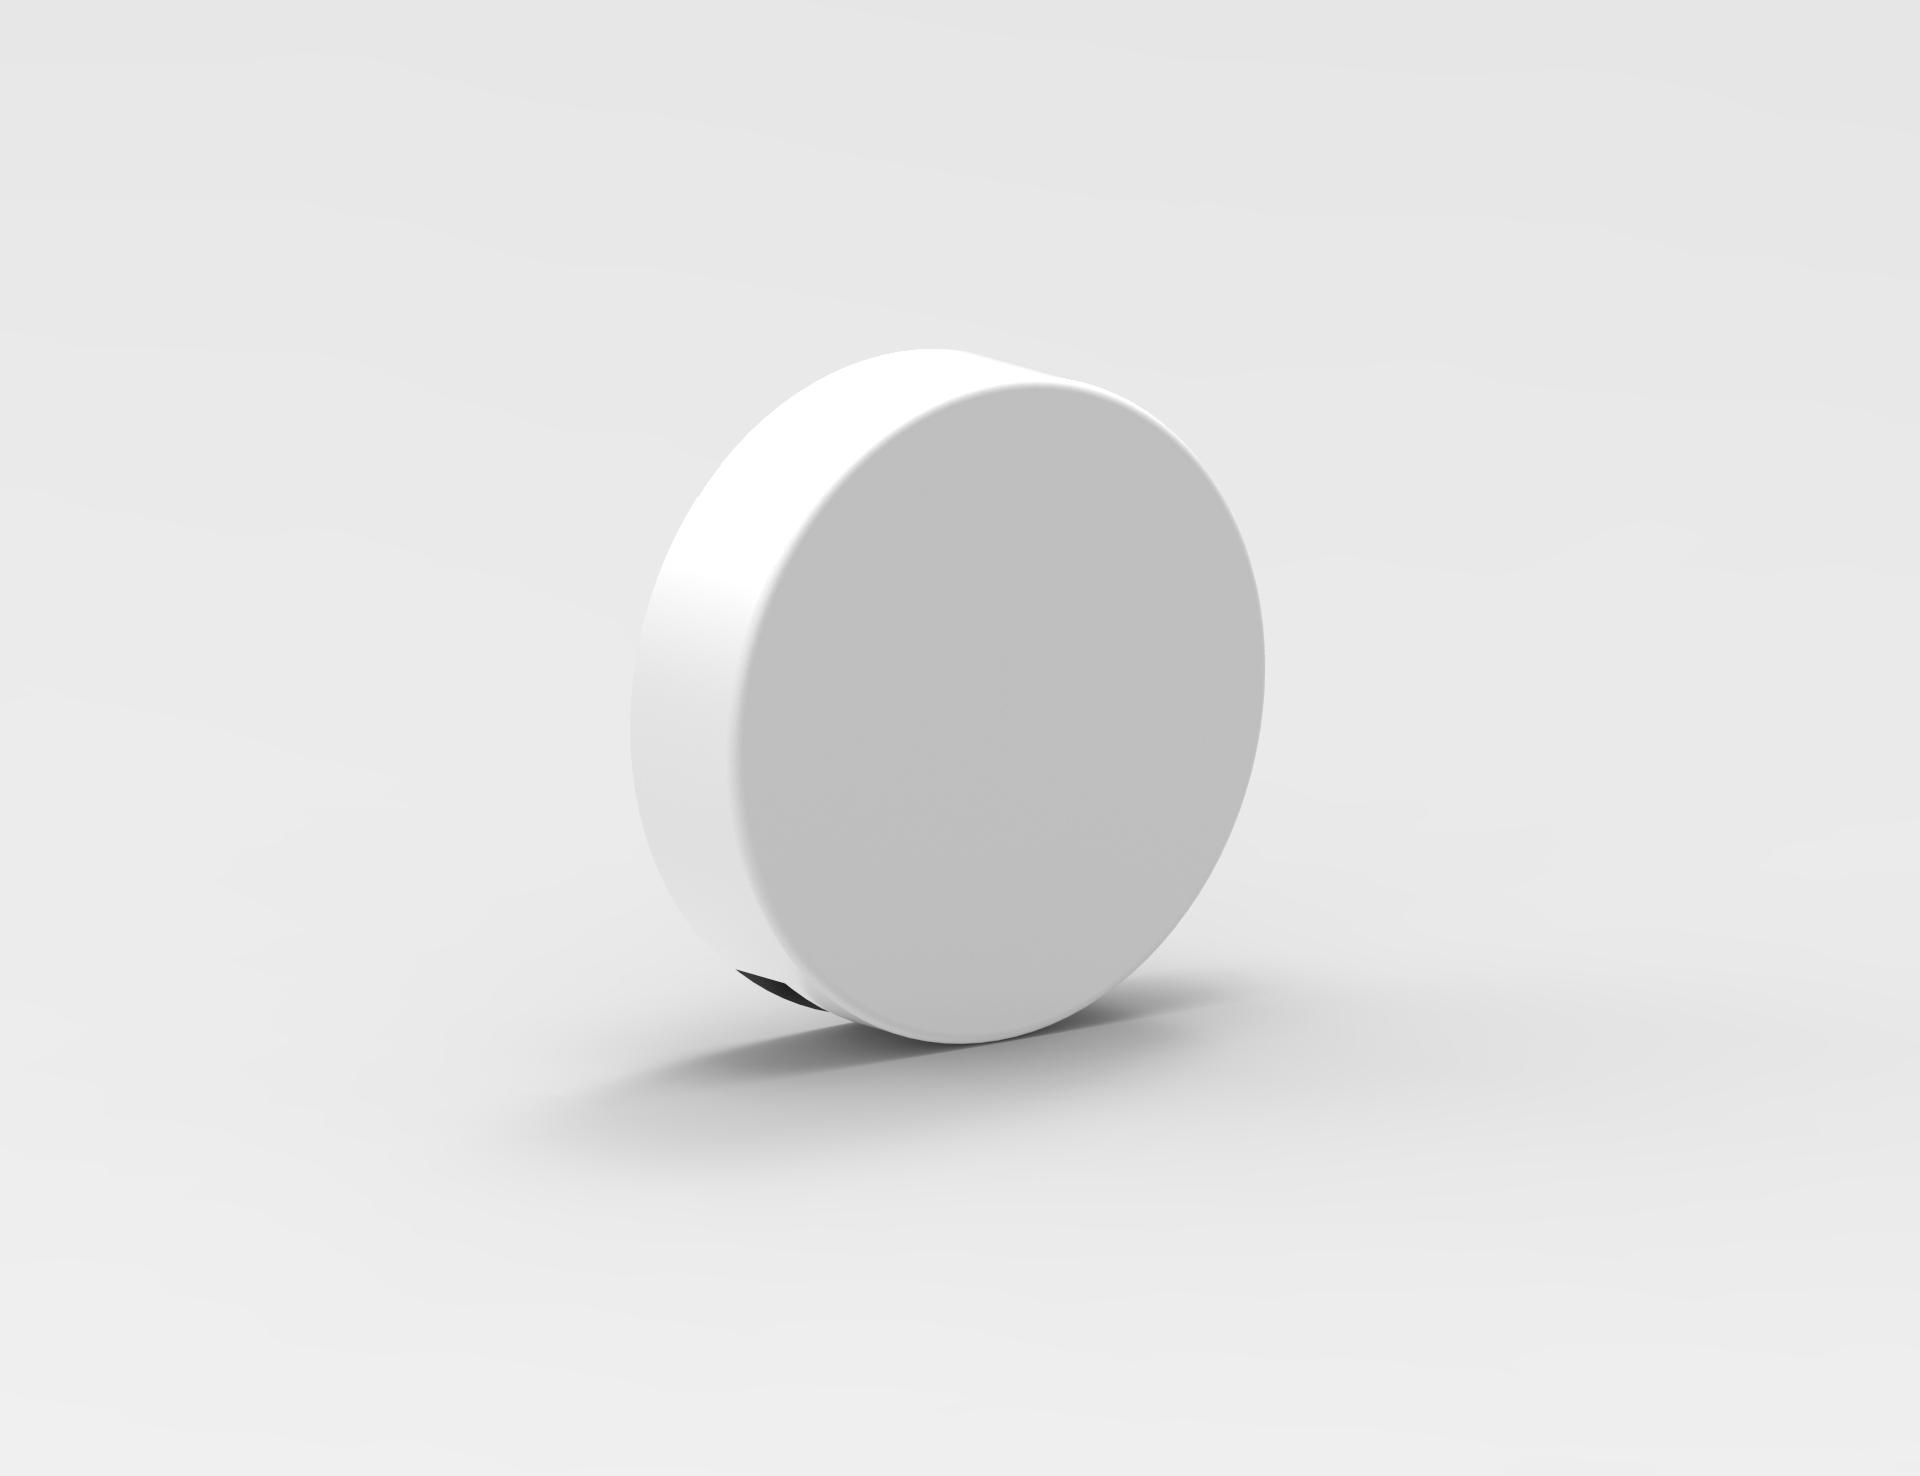 Produkt Smygin Innerkåpa decentraliserad ventilation